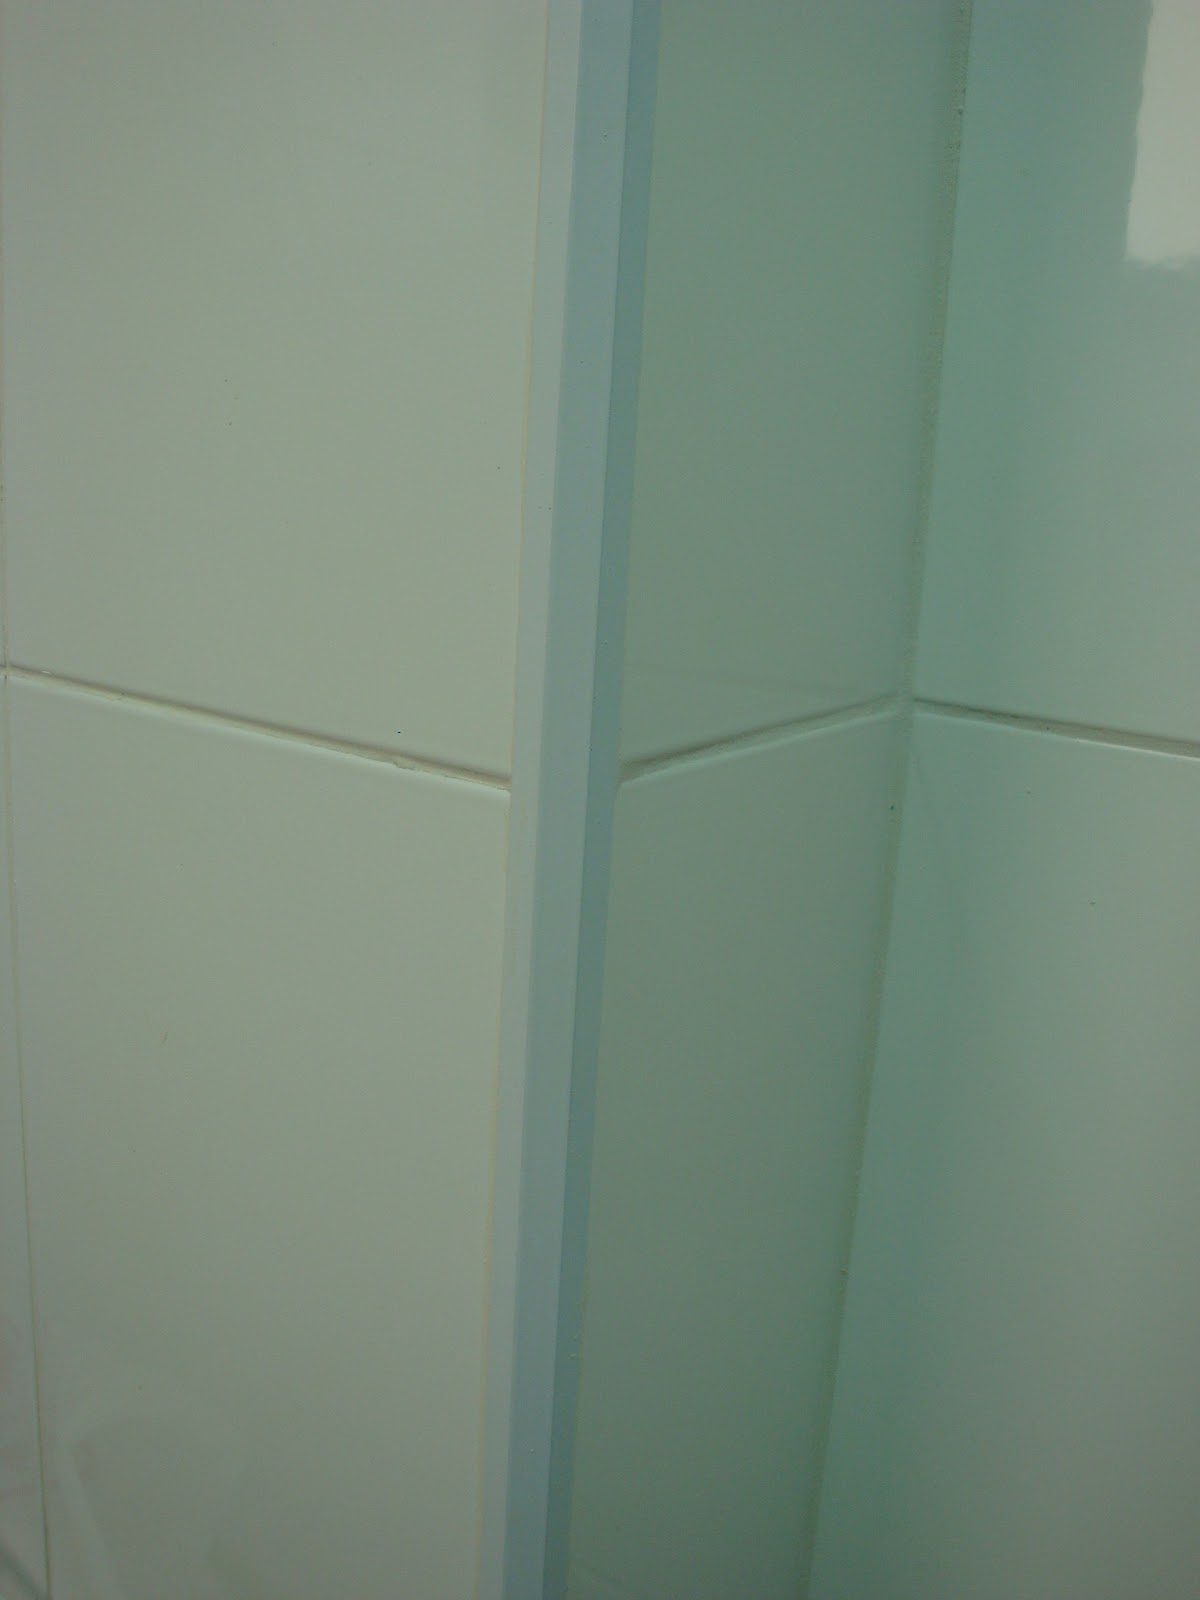 AMBIENTE IDEAL: Nichos do apê APROVADOS! #4A6351 1200x1600 Banheiro Cor Ideal